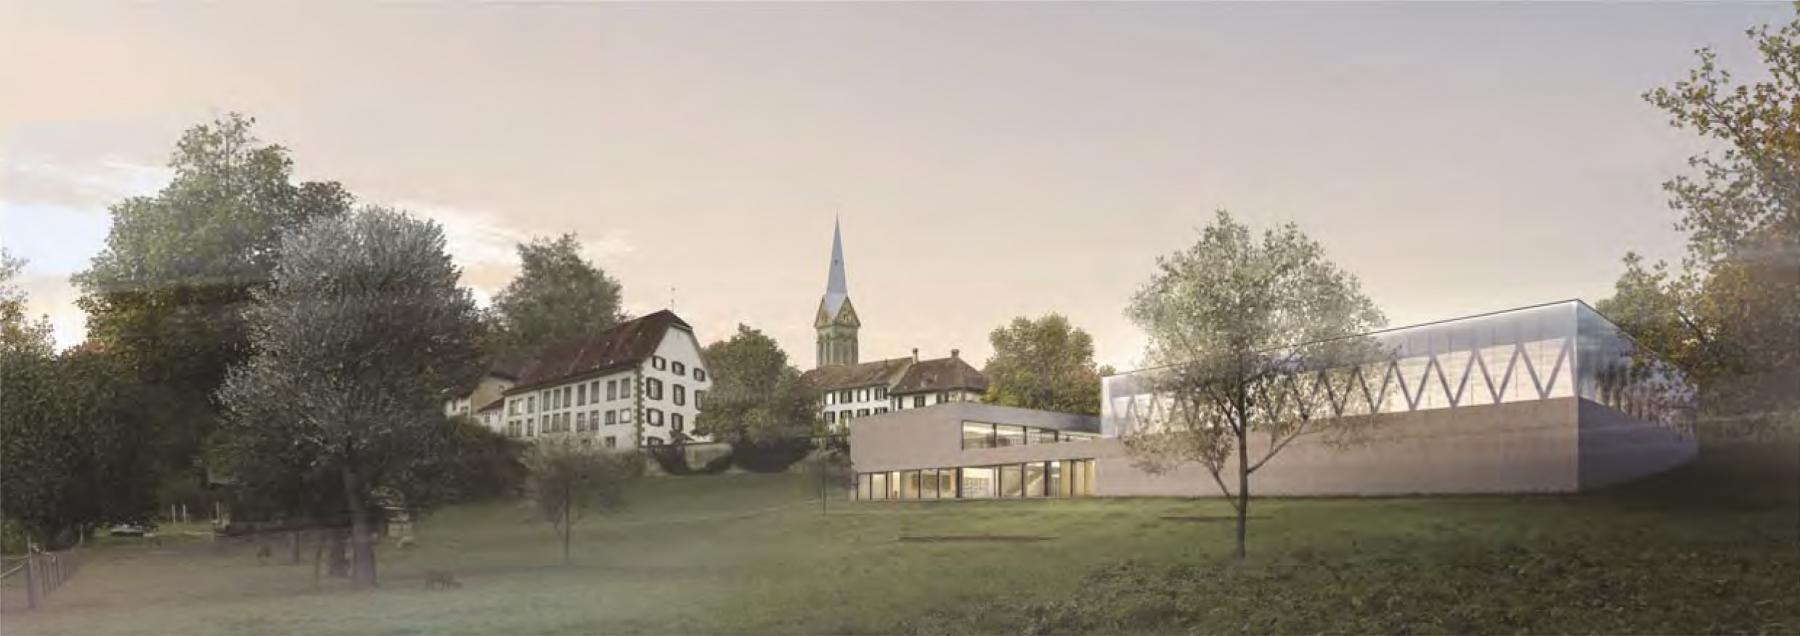 Münchenbuchsee, Klosterweg: Pädagogisches Zentrum für Hören und Sprache - Neubau einer Sporthalle, einer vierklassigen Basisstufe und eines Psychomotorikbereichs